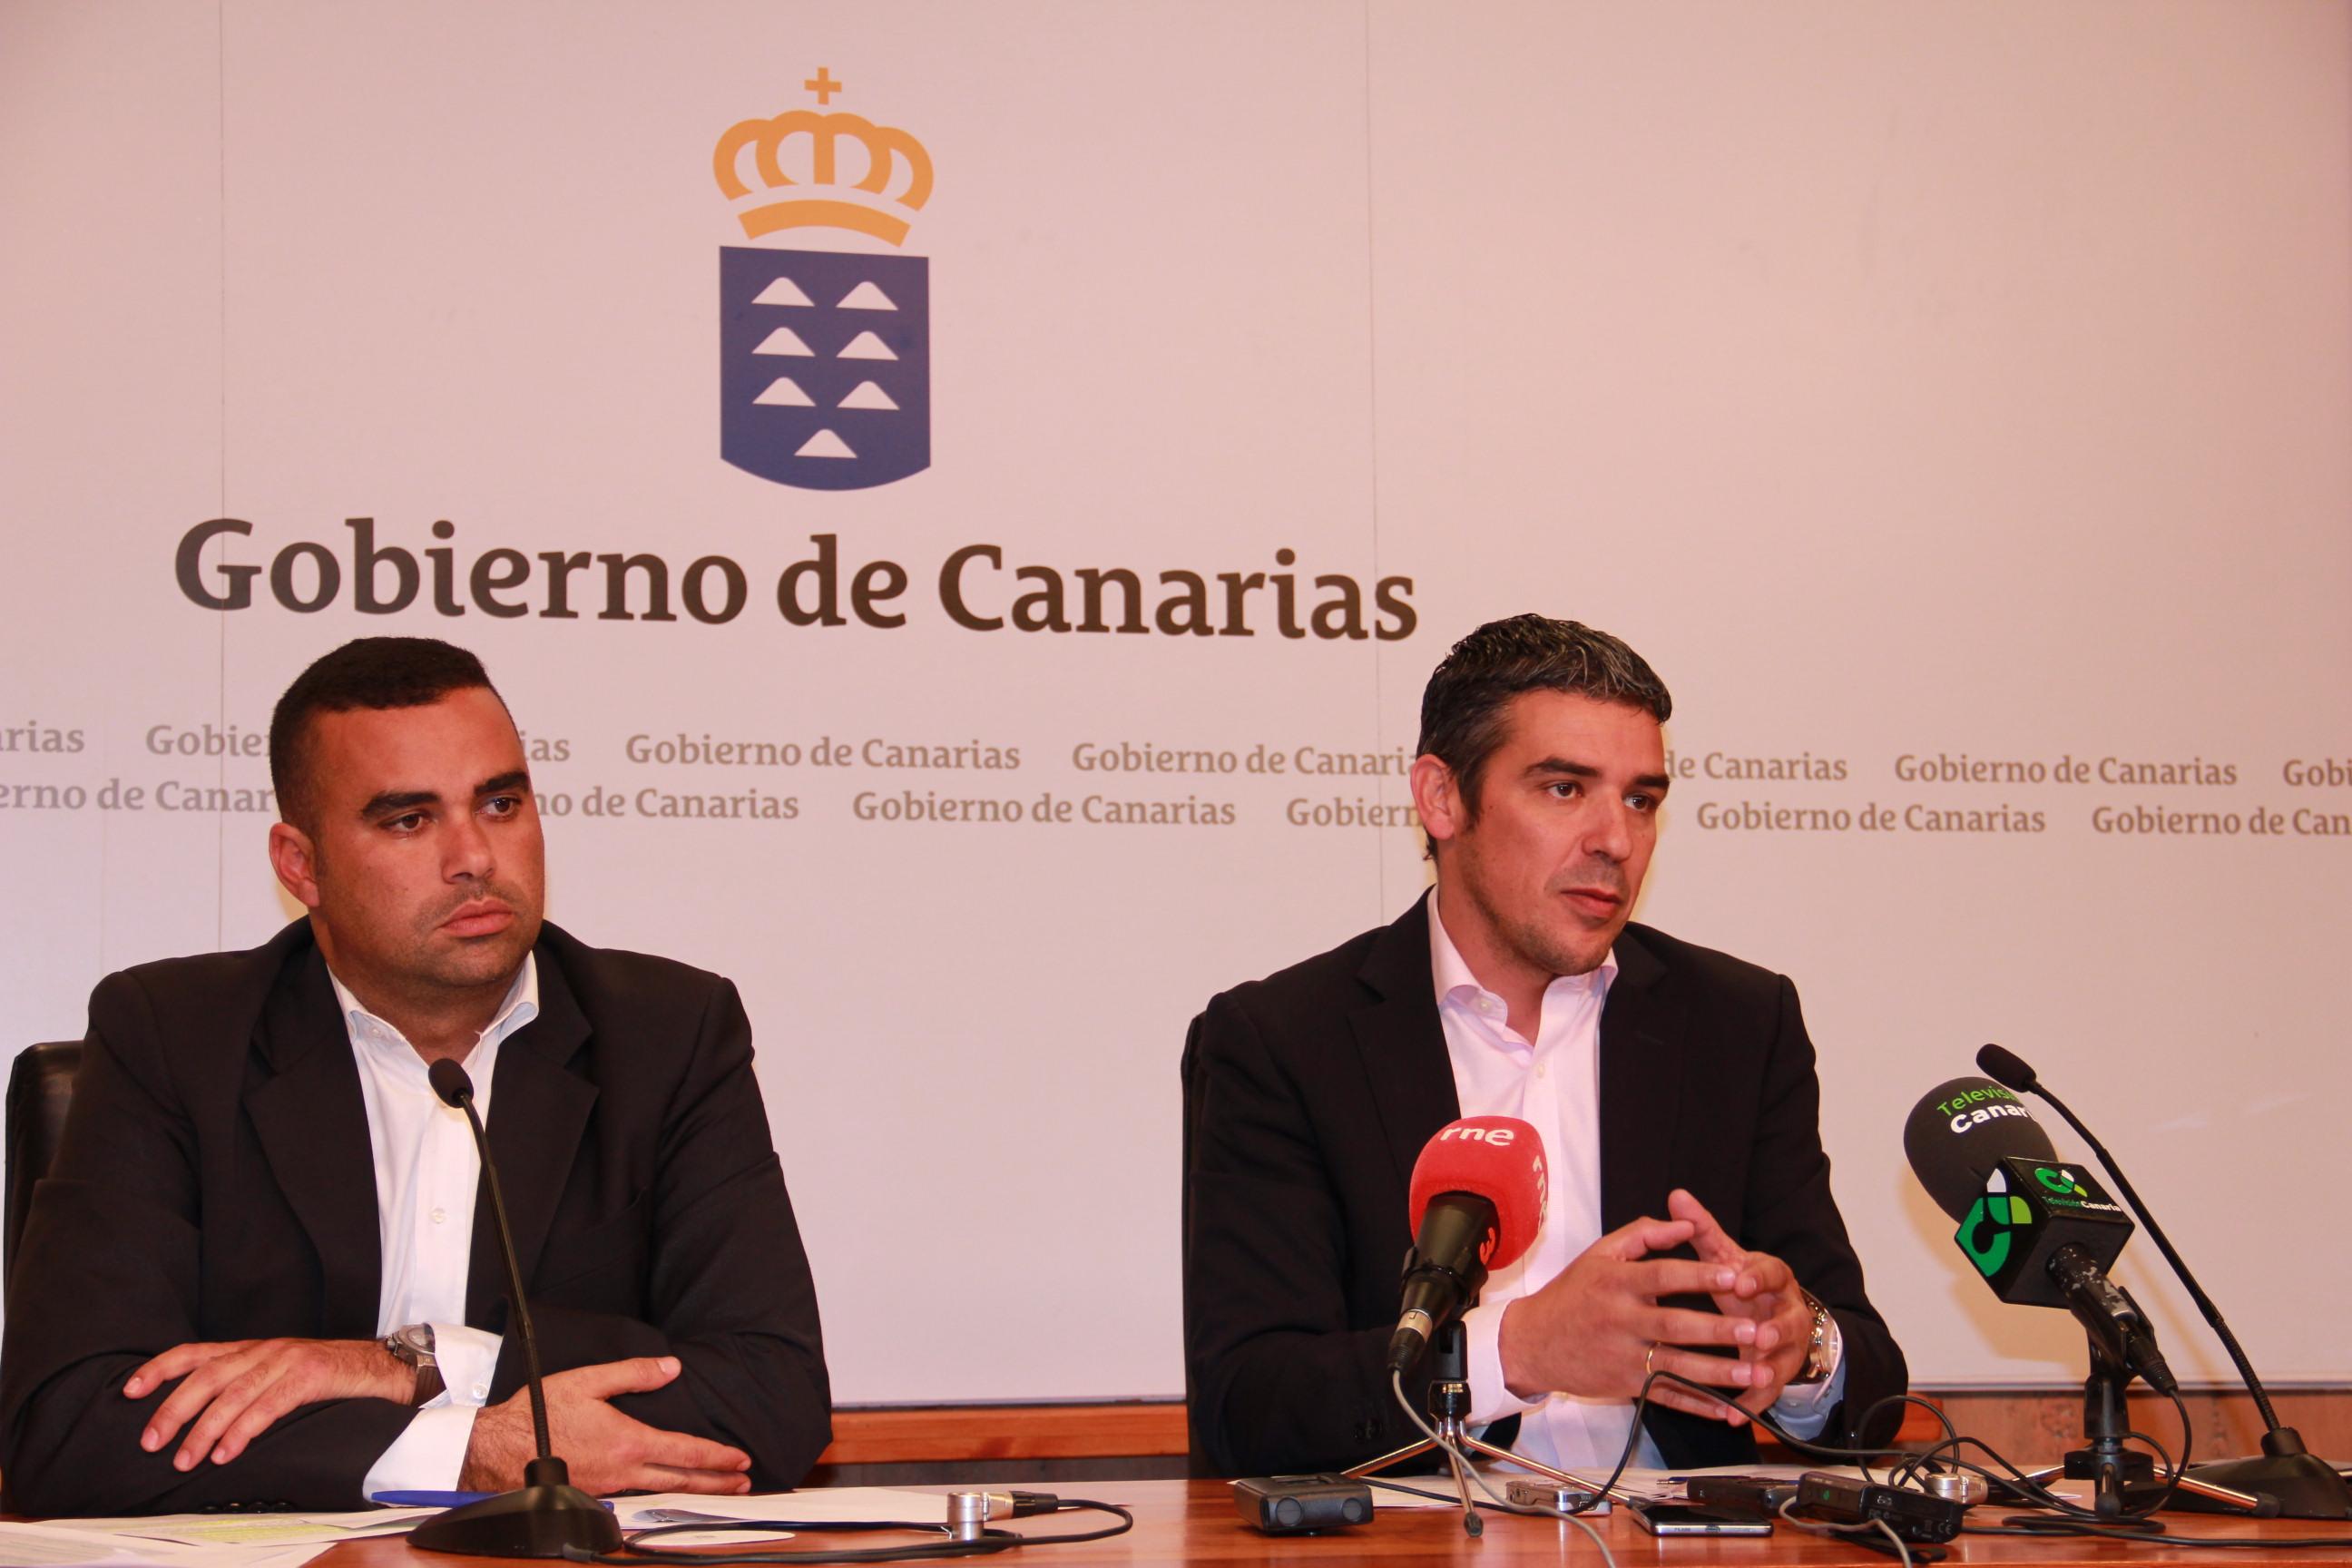 El Gobierno de Canarias abonó en junio 21 millones de euros de ayudas del POSEI al sector ganadero